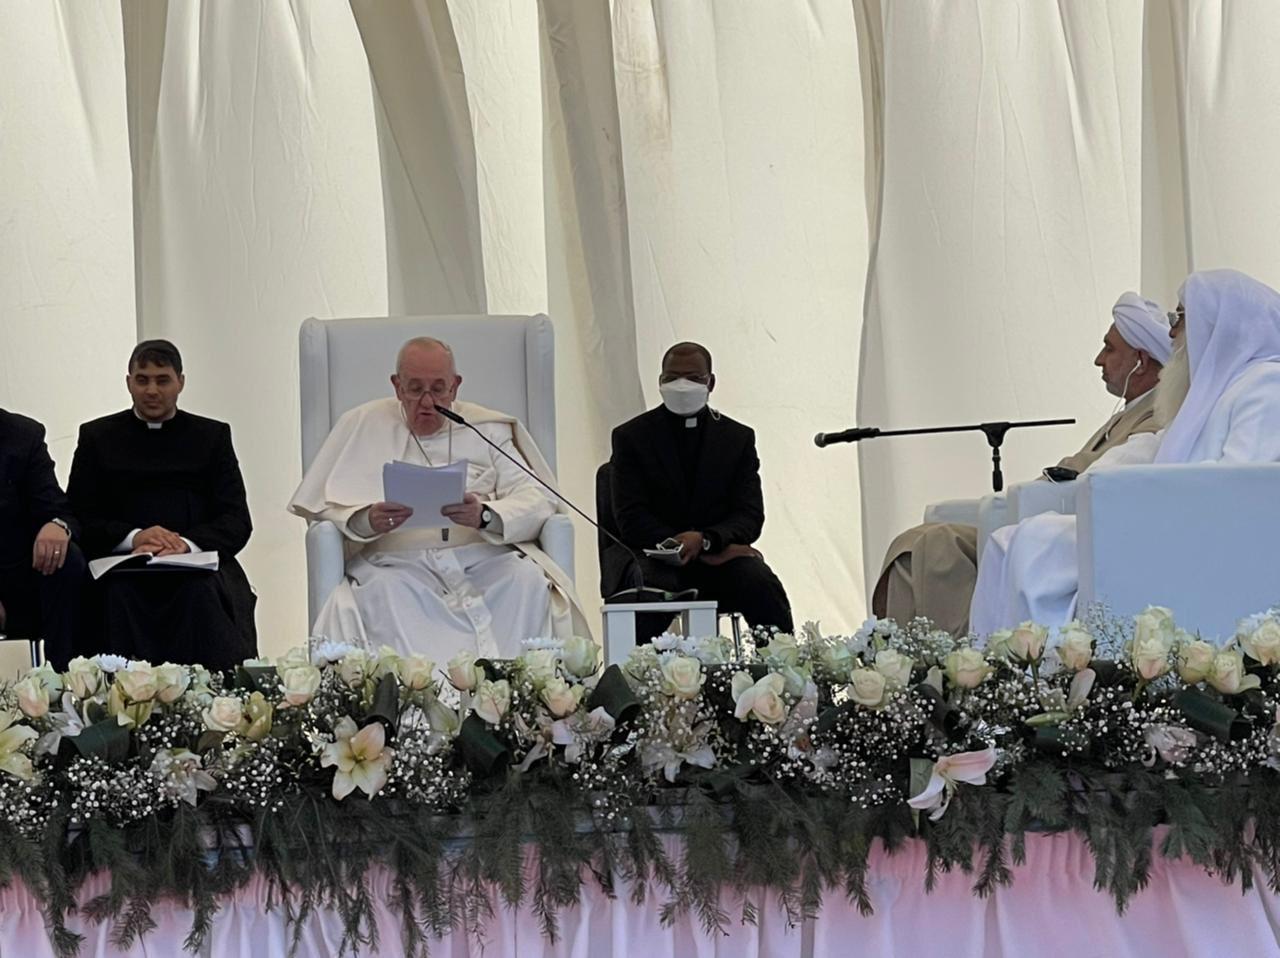 Irak: rencontre interreligieuse à Ur en présence du Pape François